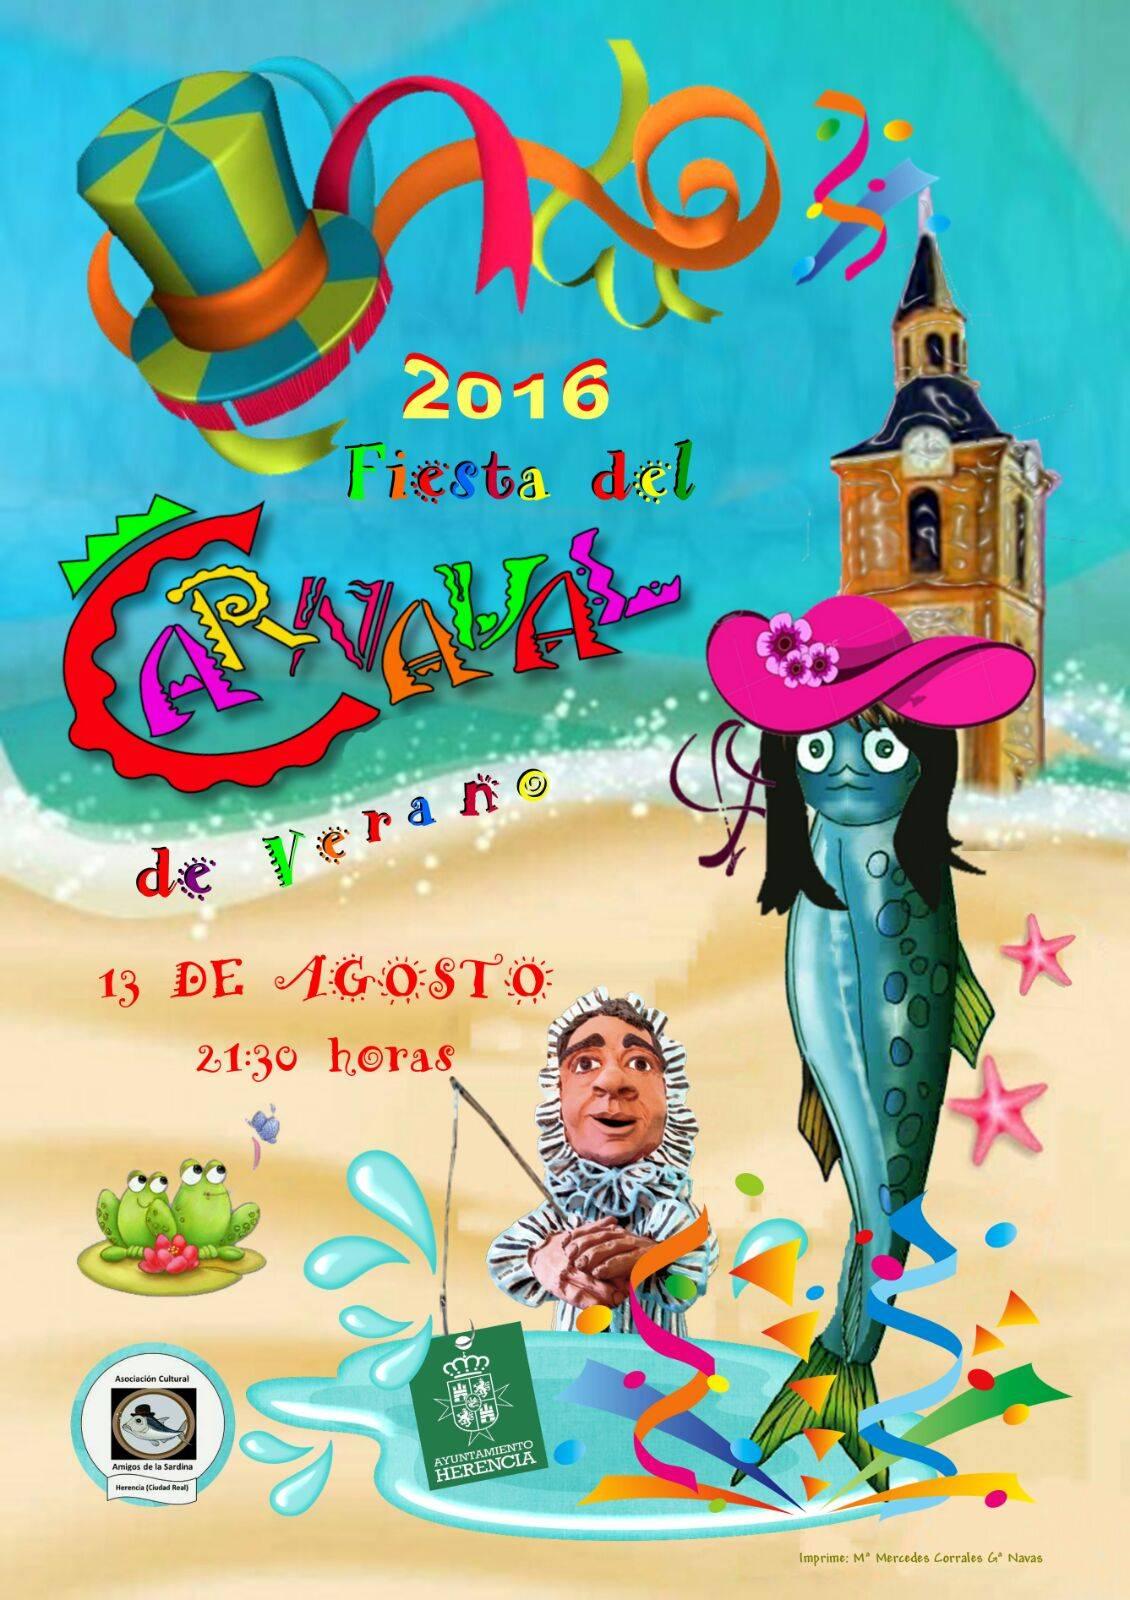 Cartel de Carnaval de Verano 2016 en Herencia de la Asociación Amigos de la Sardina.